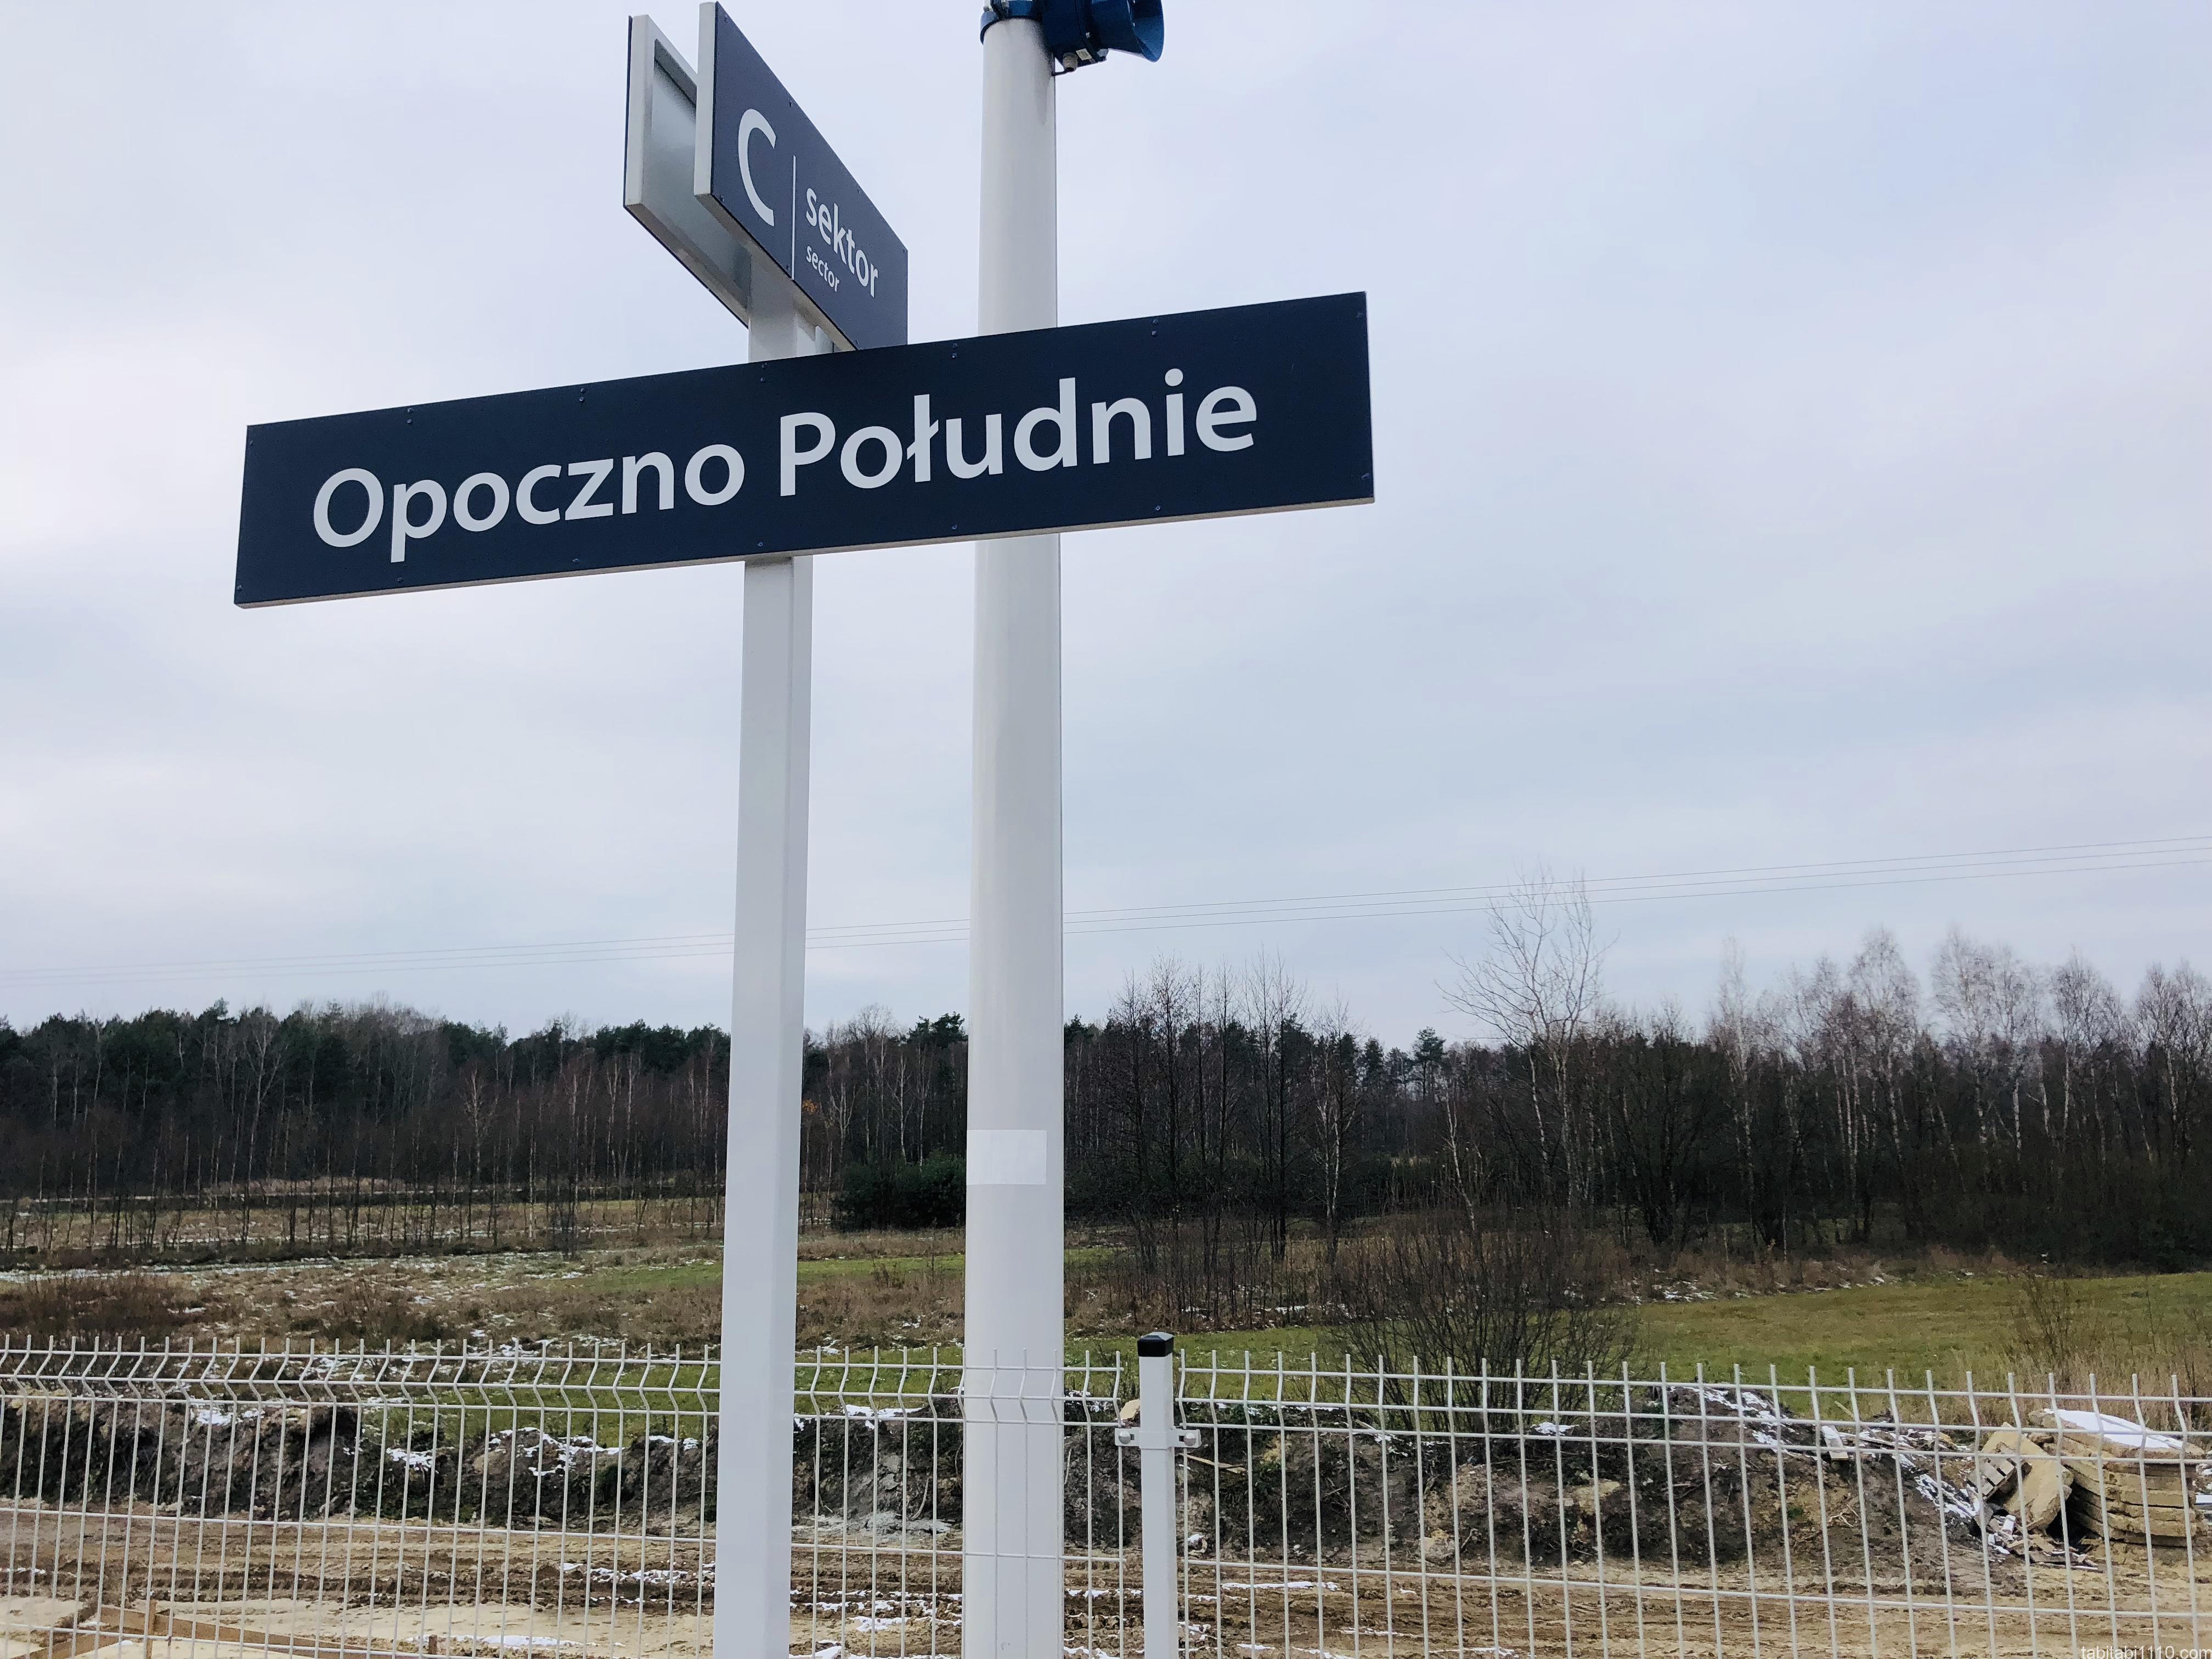 クラクフからワルシャワの乗り換え駅